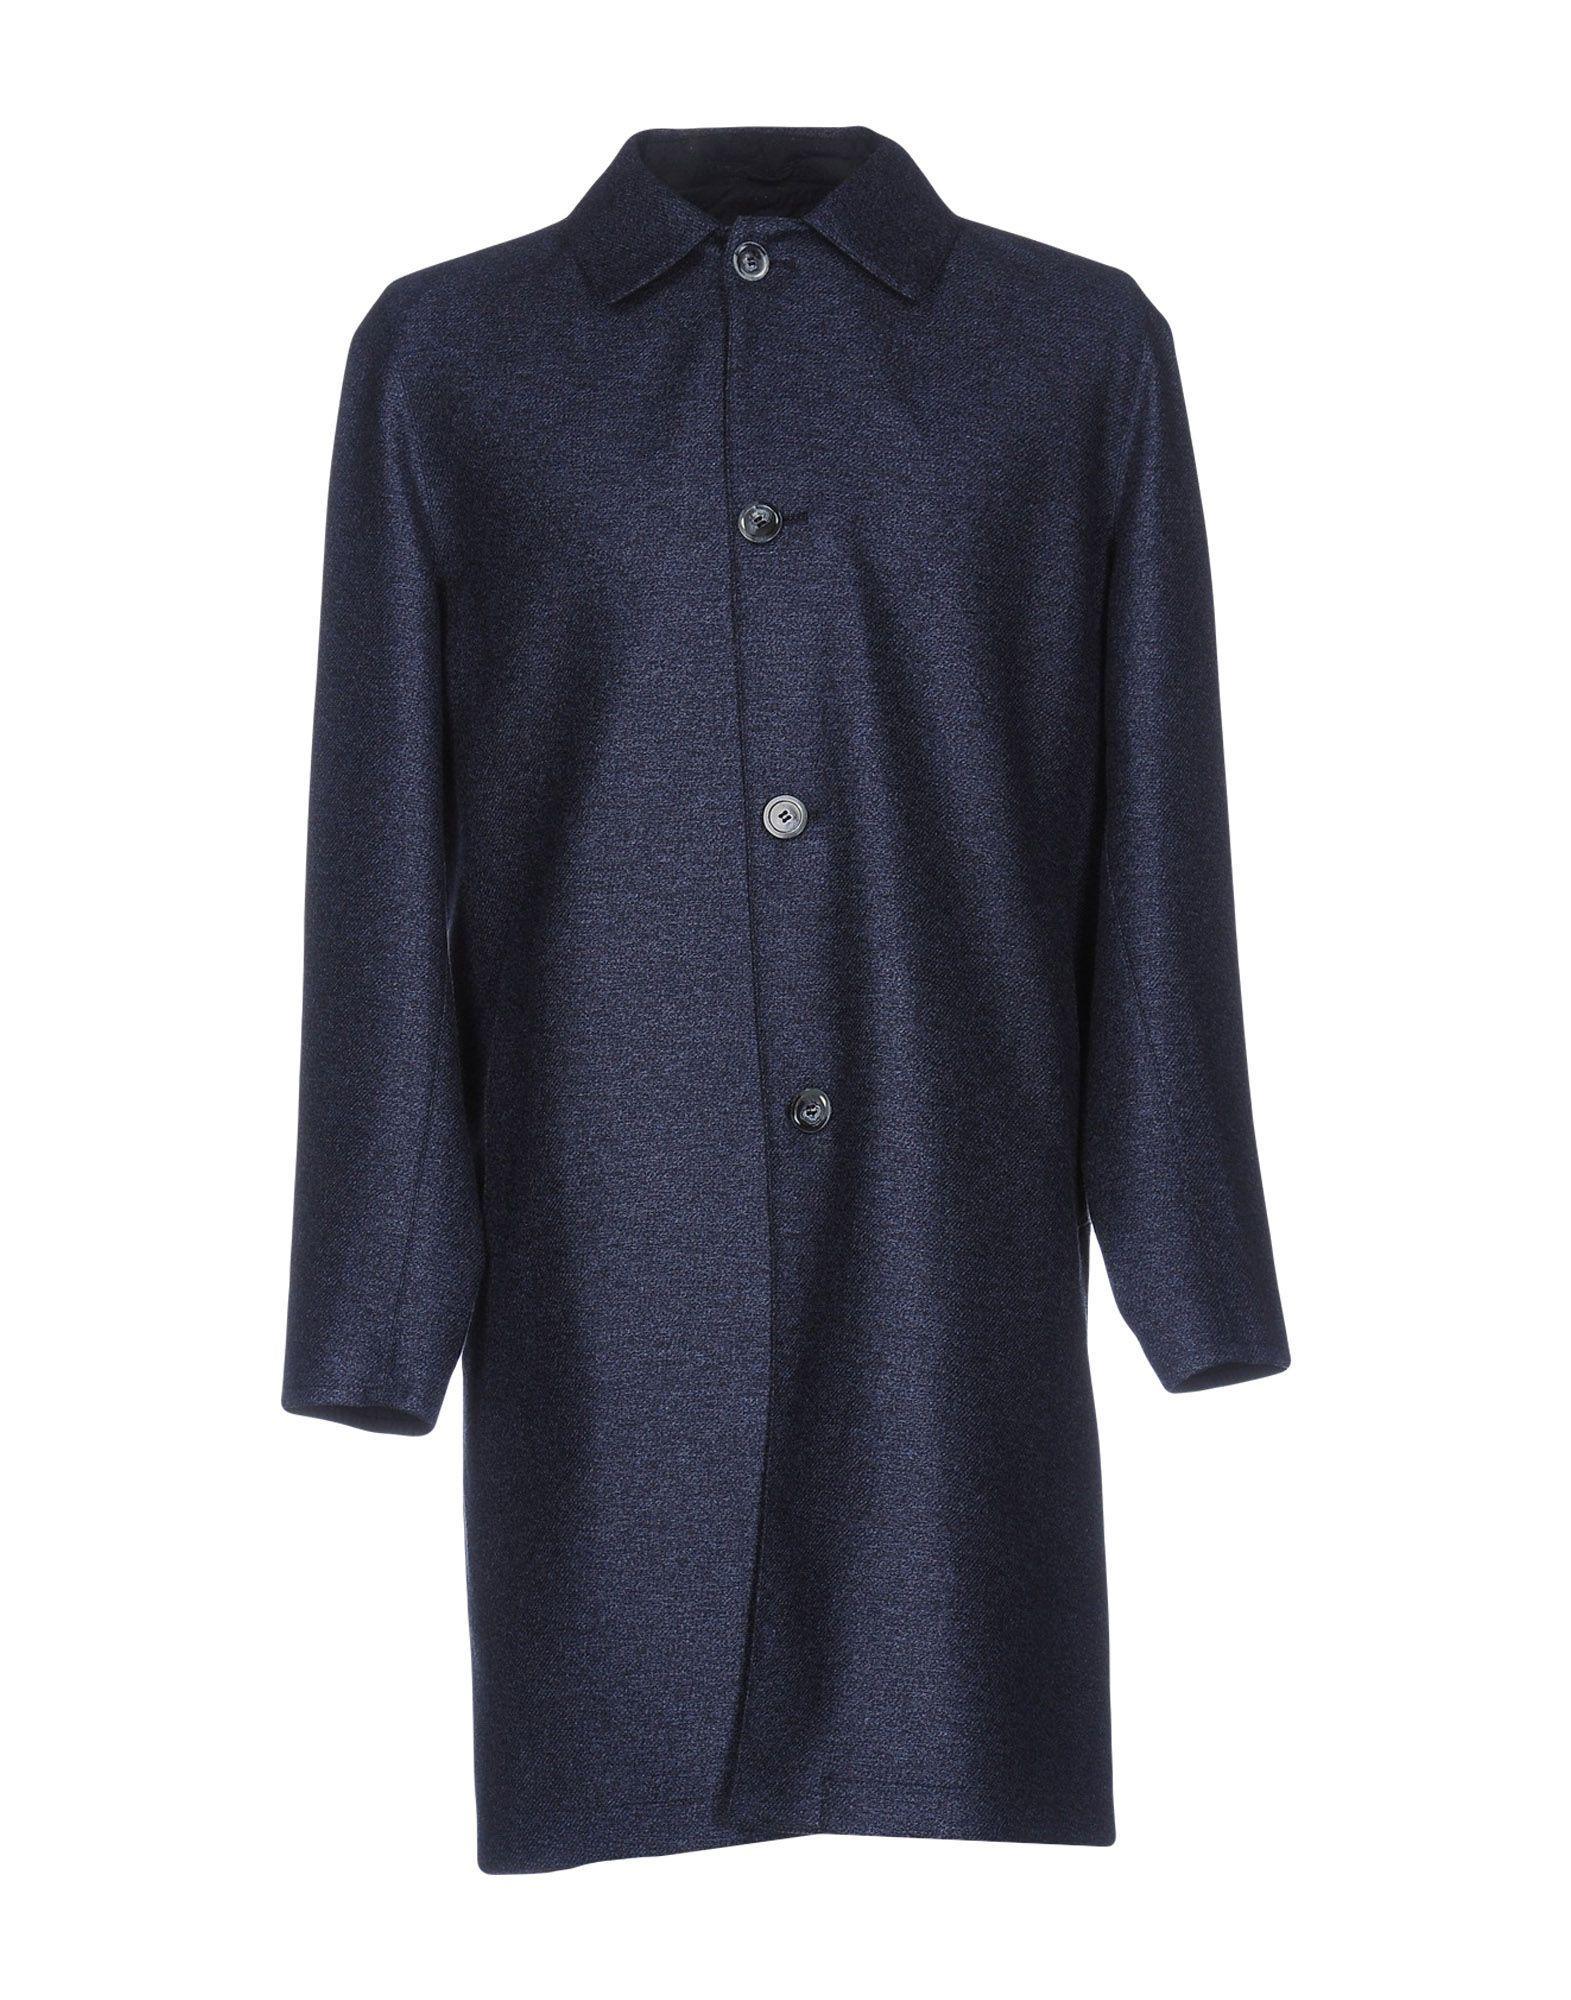 Fedeli Coats In Slate Blue